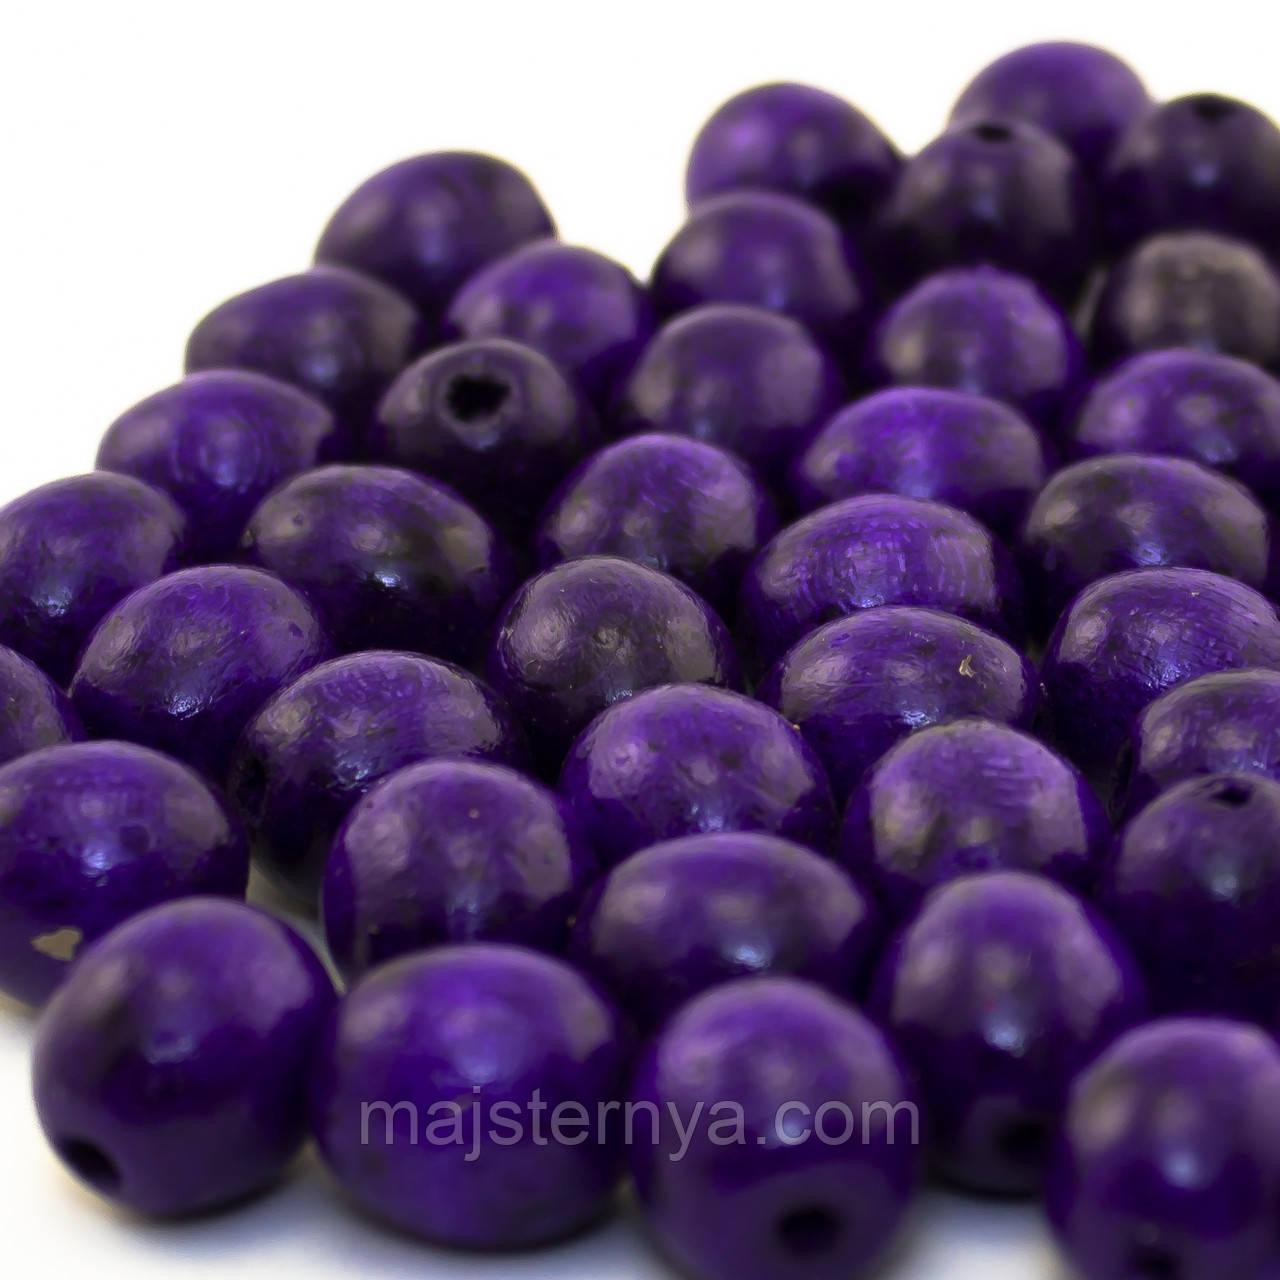 Дерев'яні бусини 1,3см фіолетового кольору